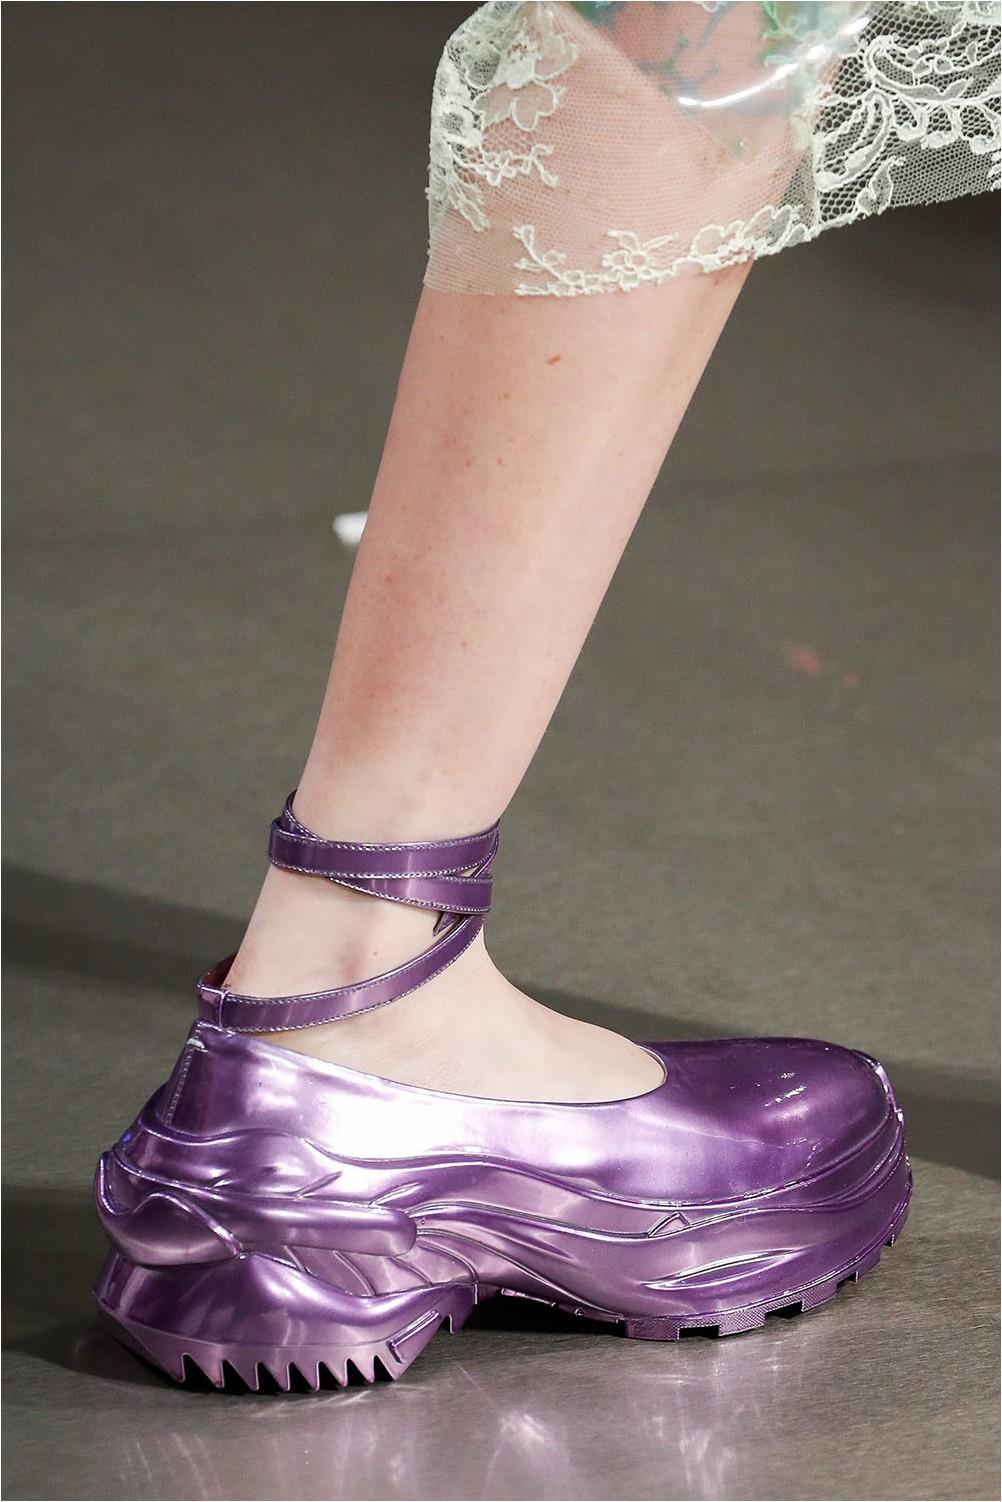 Futuristic shoes Maison Margiela